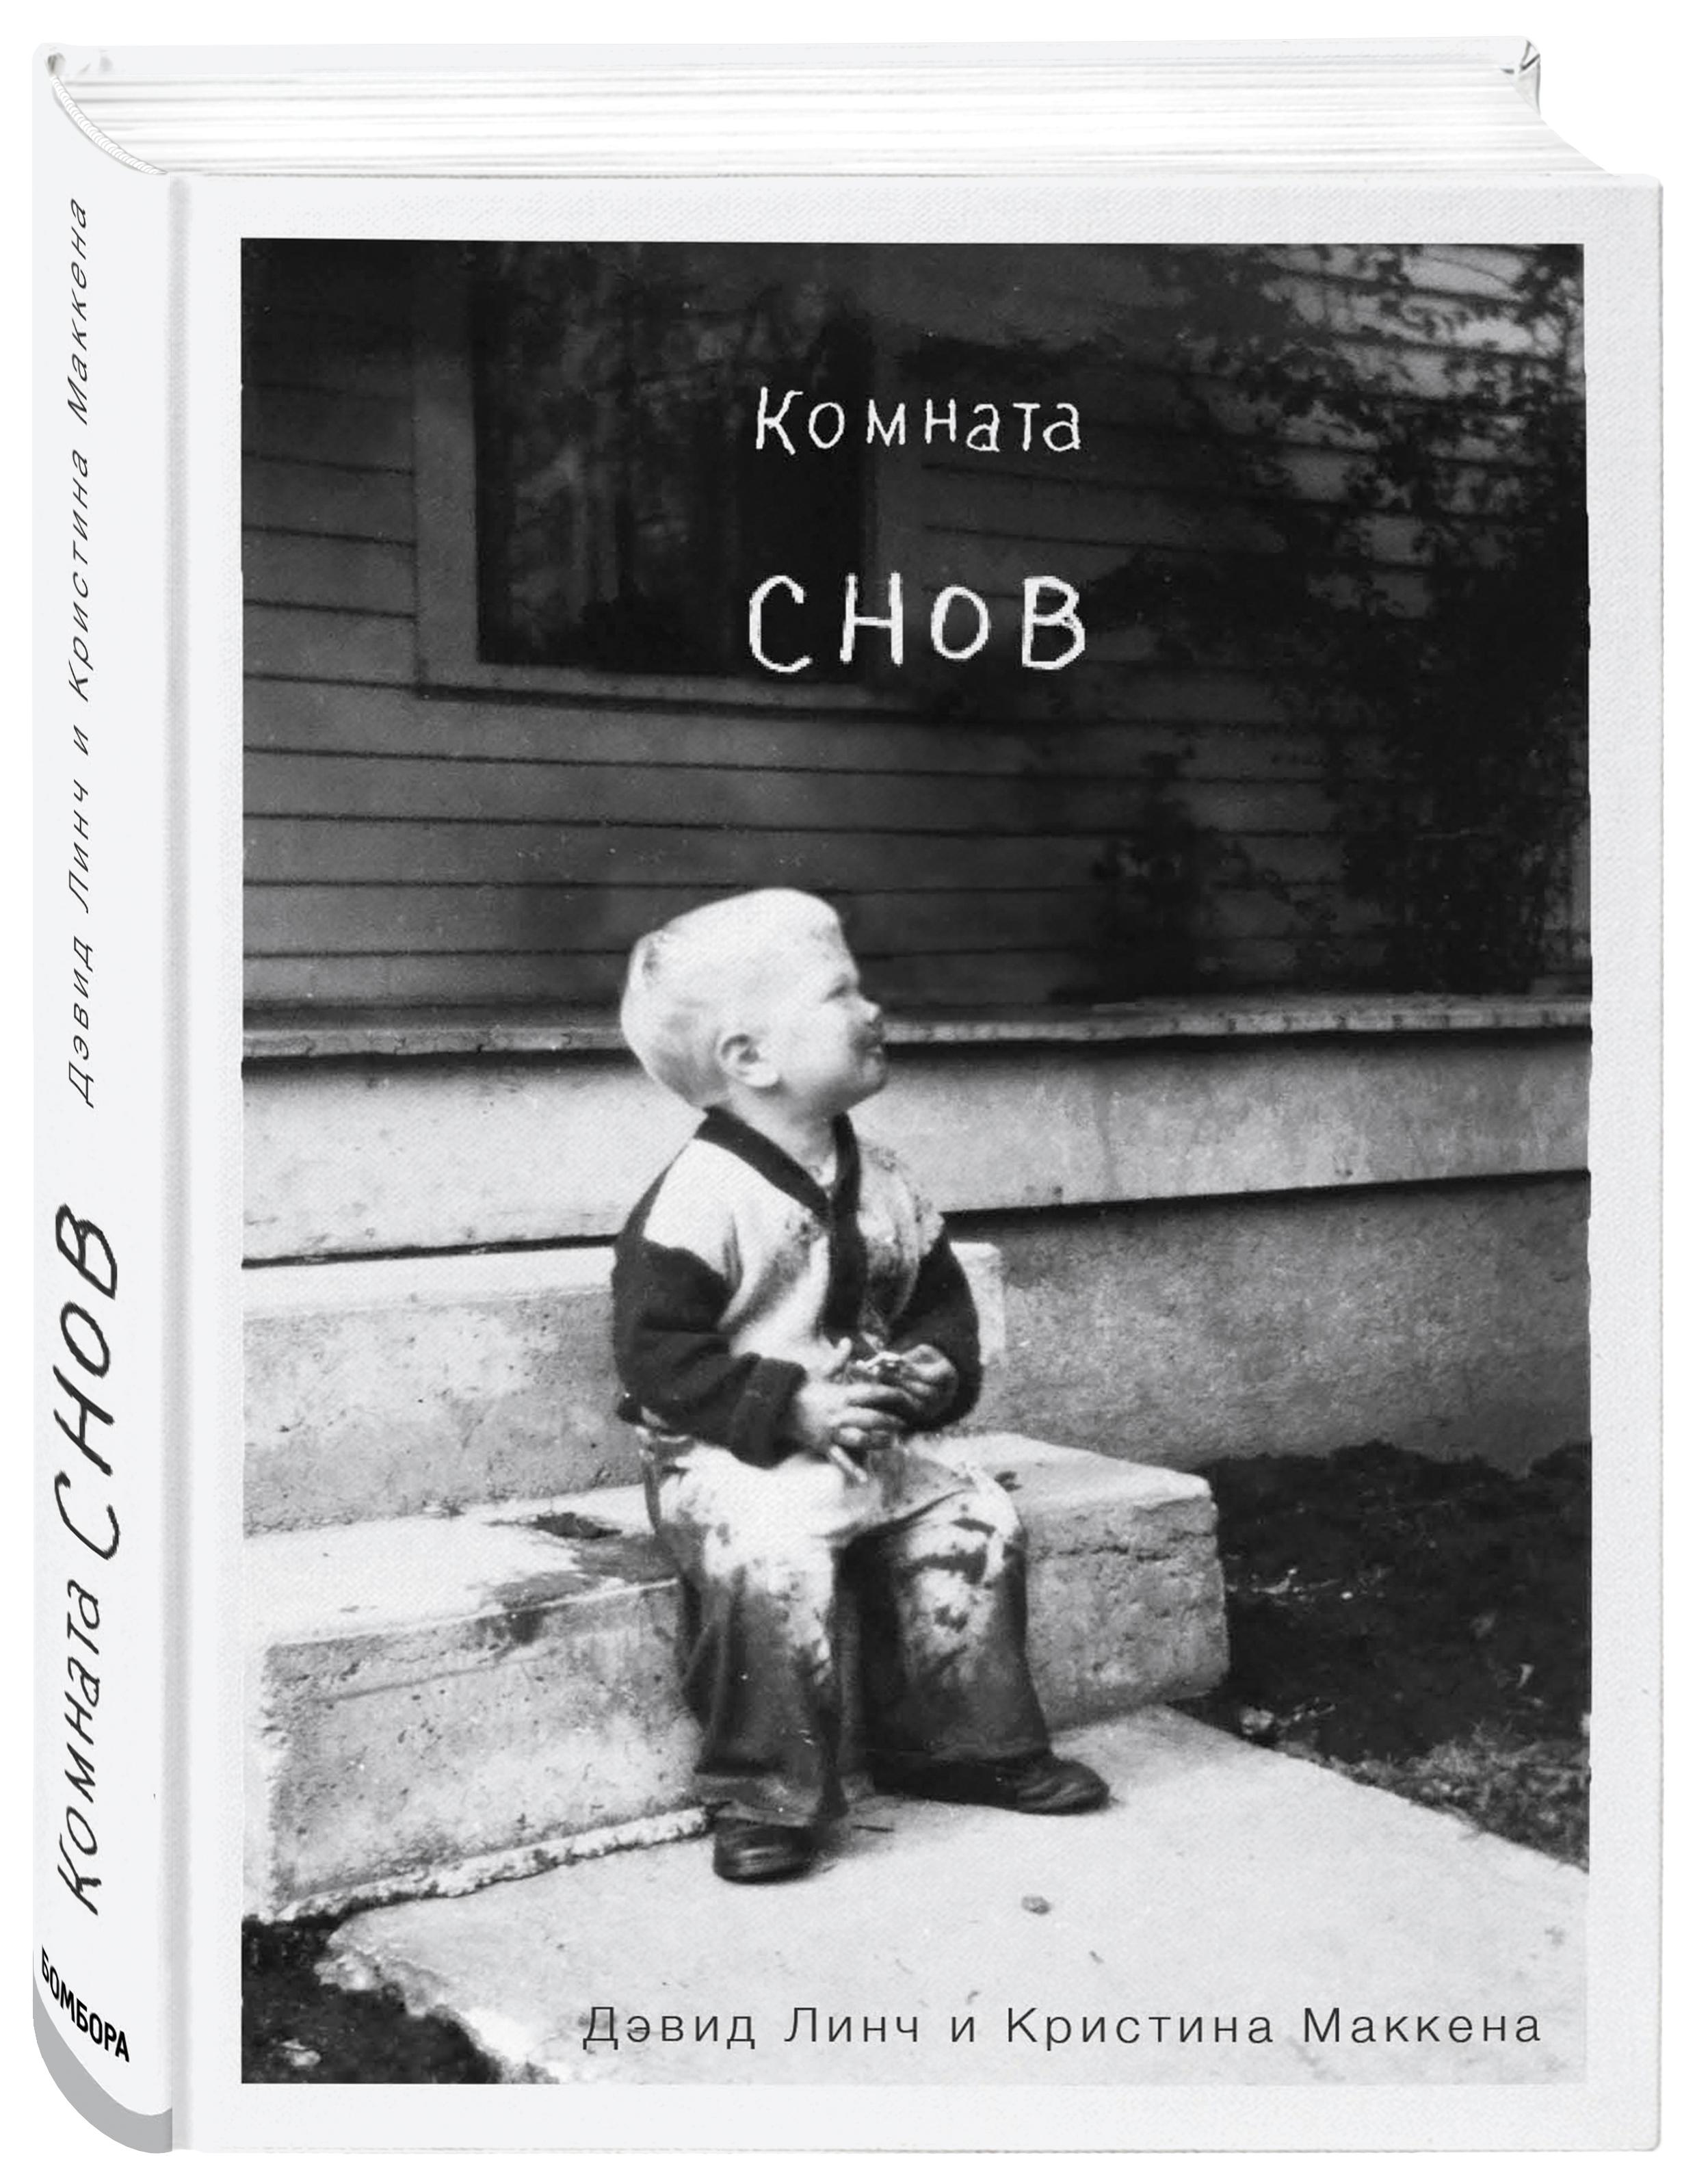 Комната снов. Автобиография Дэвида Линча (Дэвид Линч, Кристин Маккена)